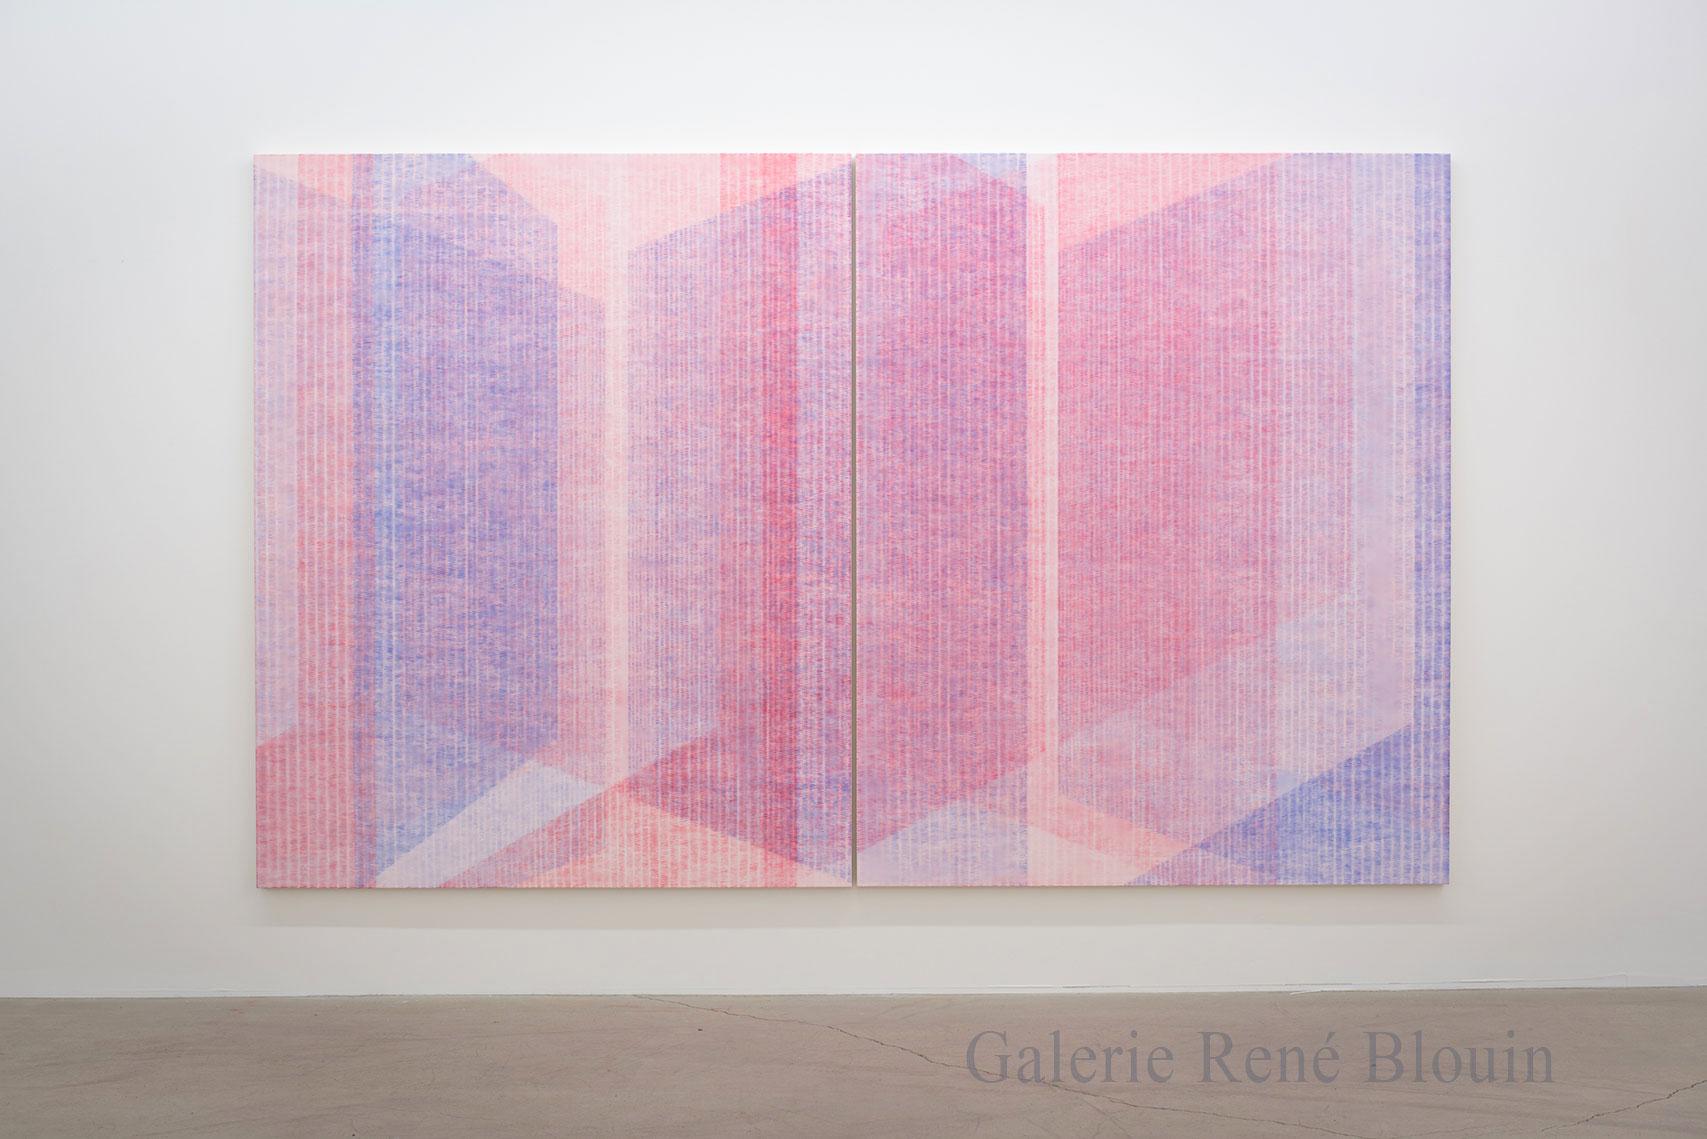 Marie-Claire Blais, Être la porte qui s'ouvre 12, 2017, acrylique sur toile, 203 x 330 cm / 80 x 130 pouces. Photo : Marie-Claire Blais